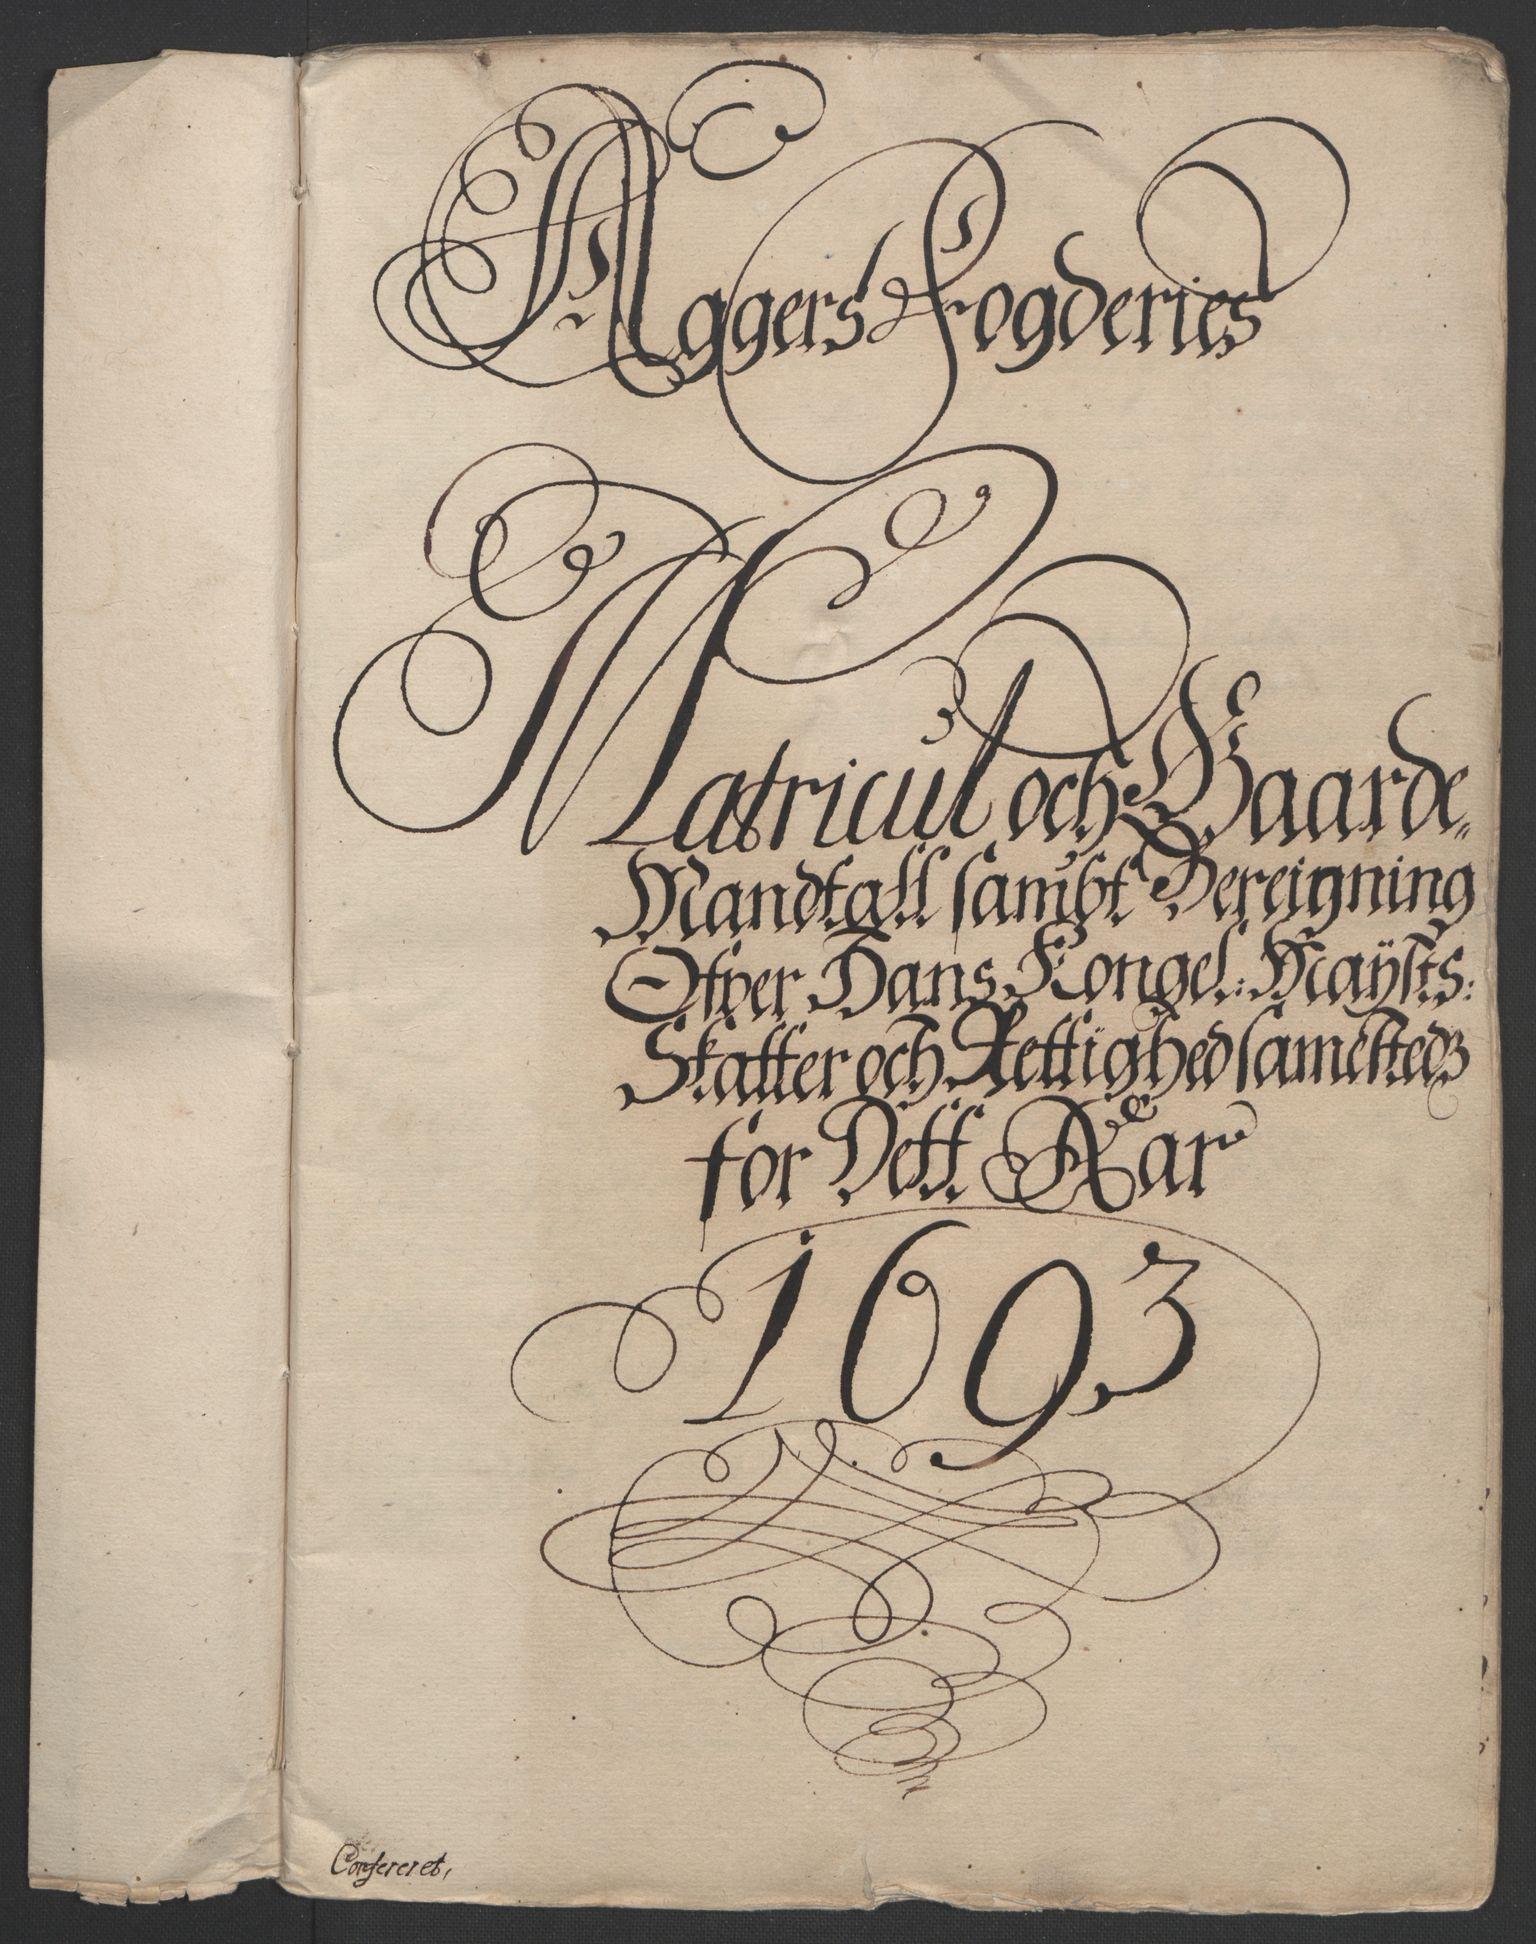 RA, Rentekammeret inntil 1814, Reviderte regnskaper, Fogderegnskap, R08/L0426: Fogderegnskap Aker, 1692-1693, s. 284